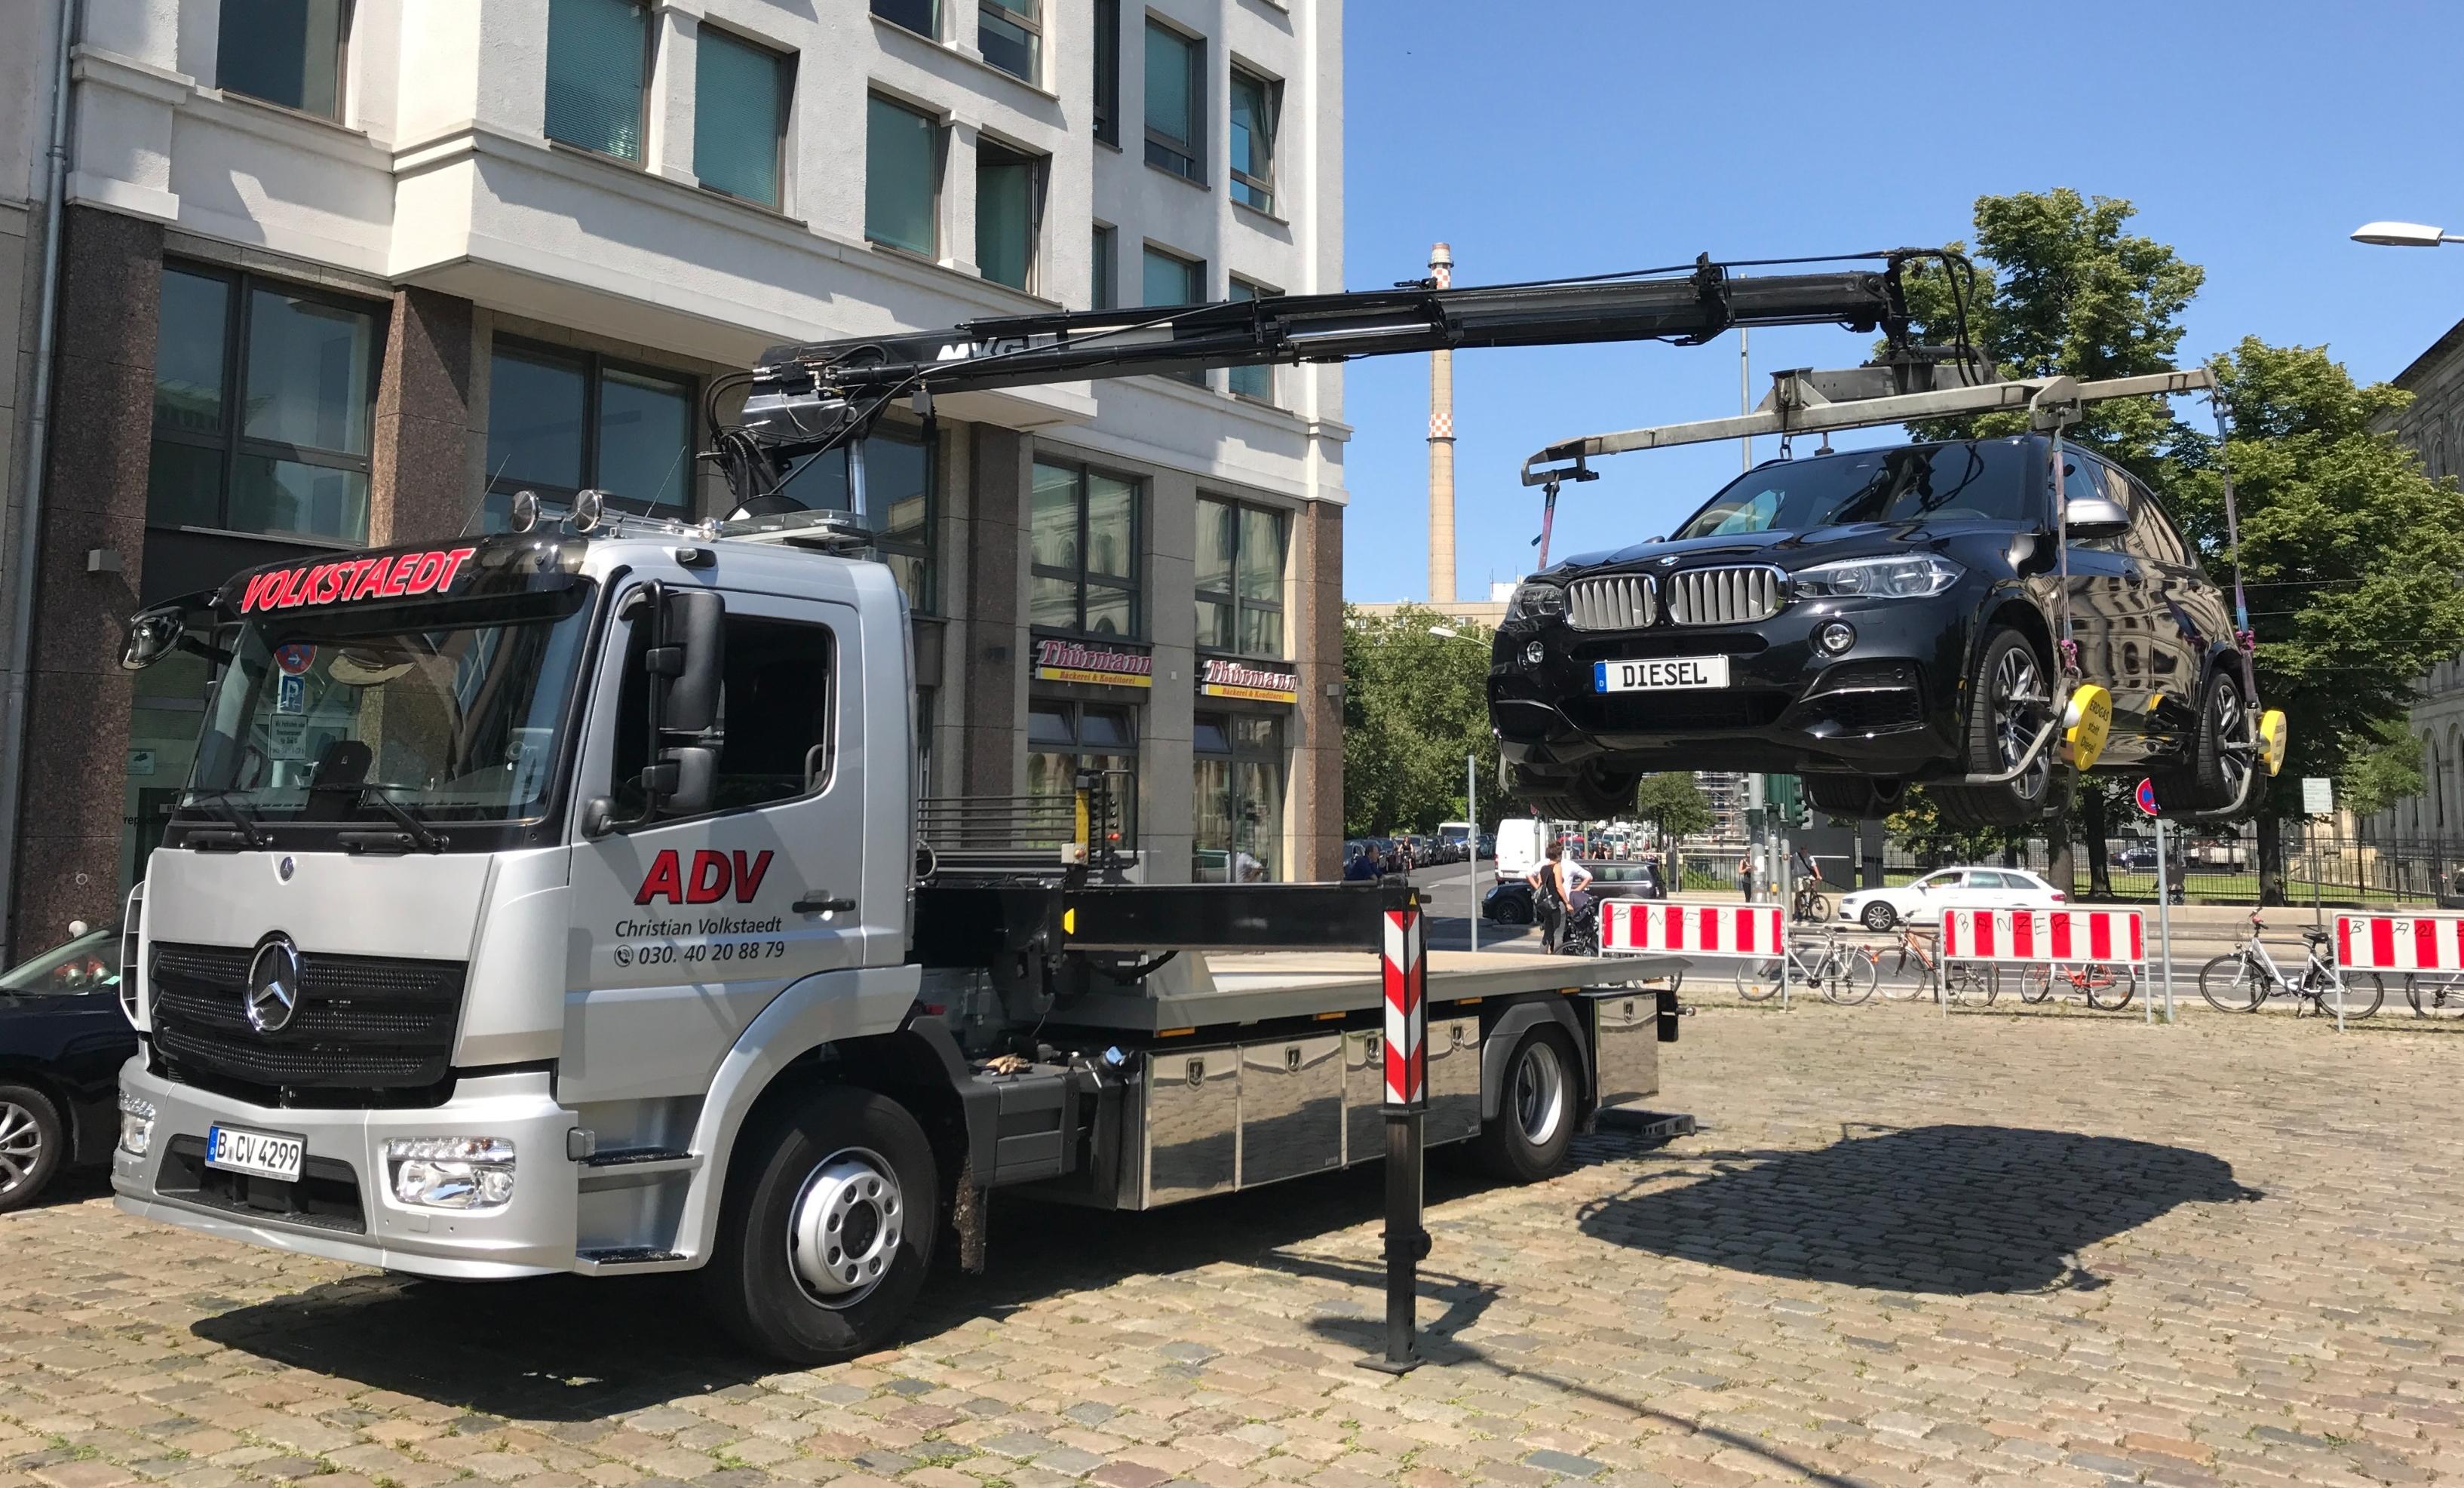 Umsetzen PKW in Berlin